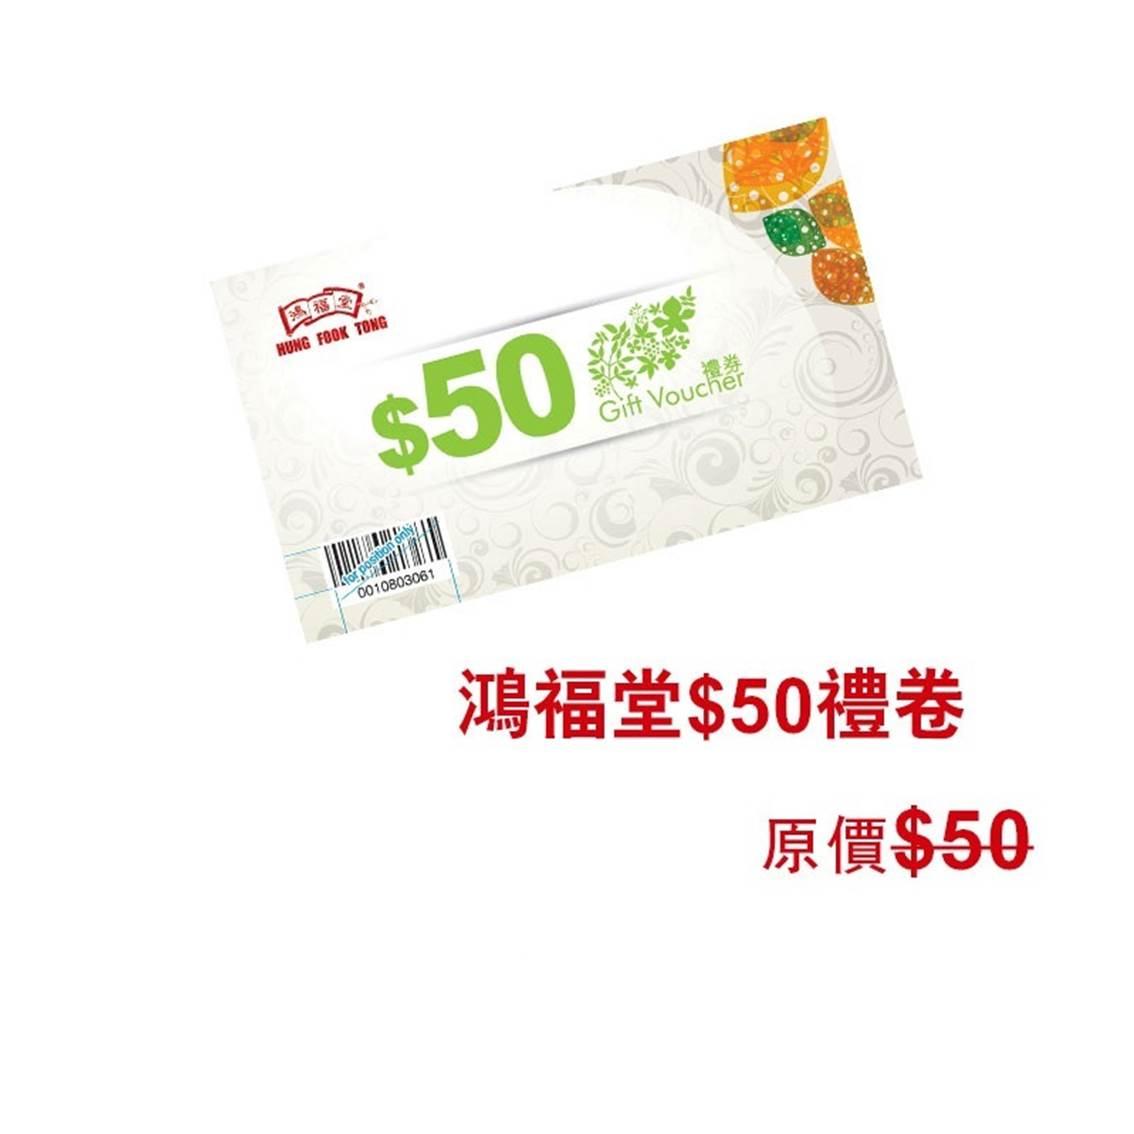 鴻福堂$50禮券  *禮券將與其他貨品分開發貨及通知取貨